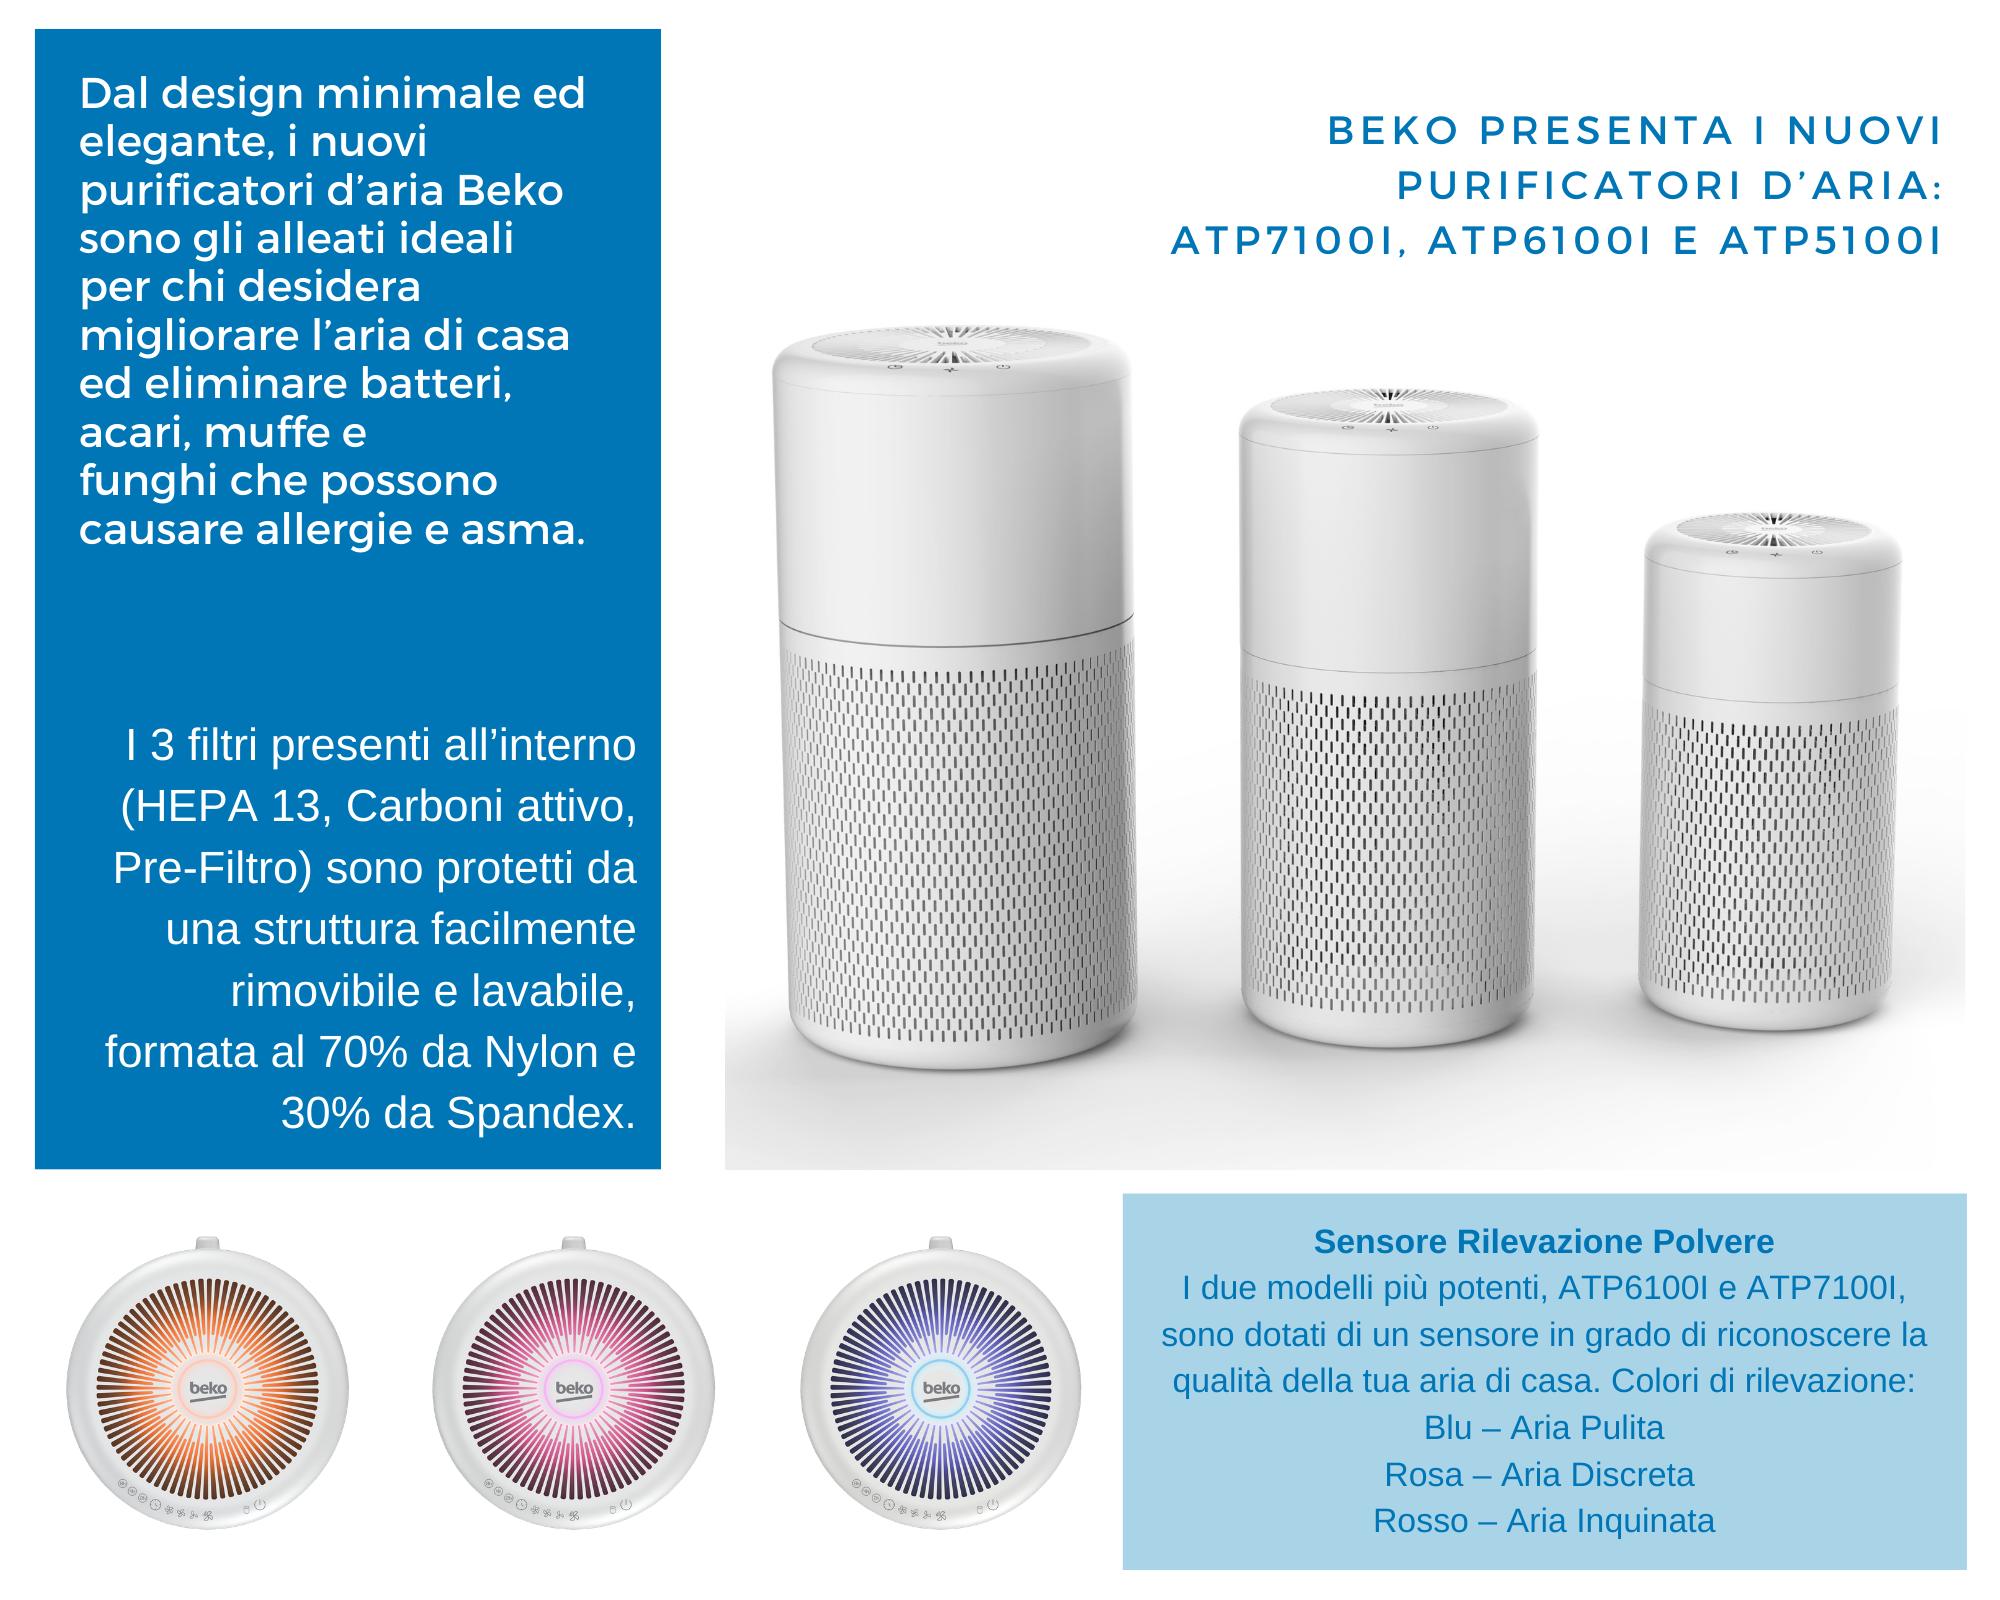 Beko_purificatori d_aria